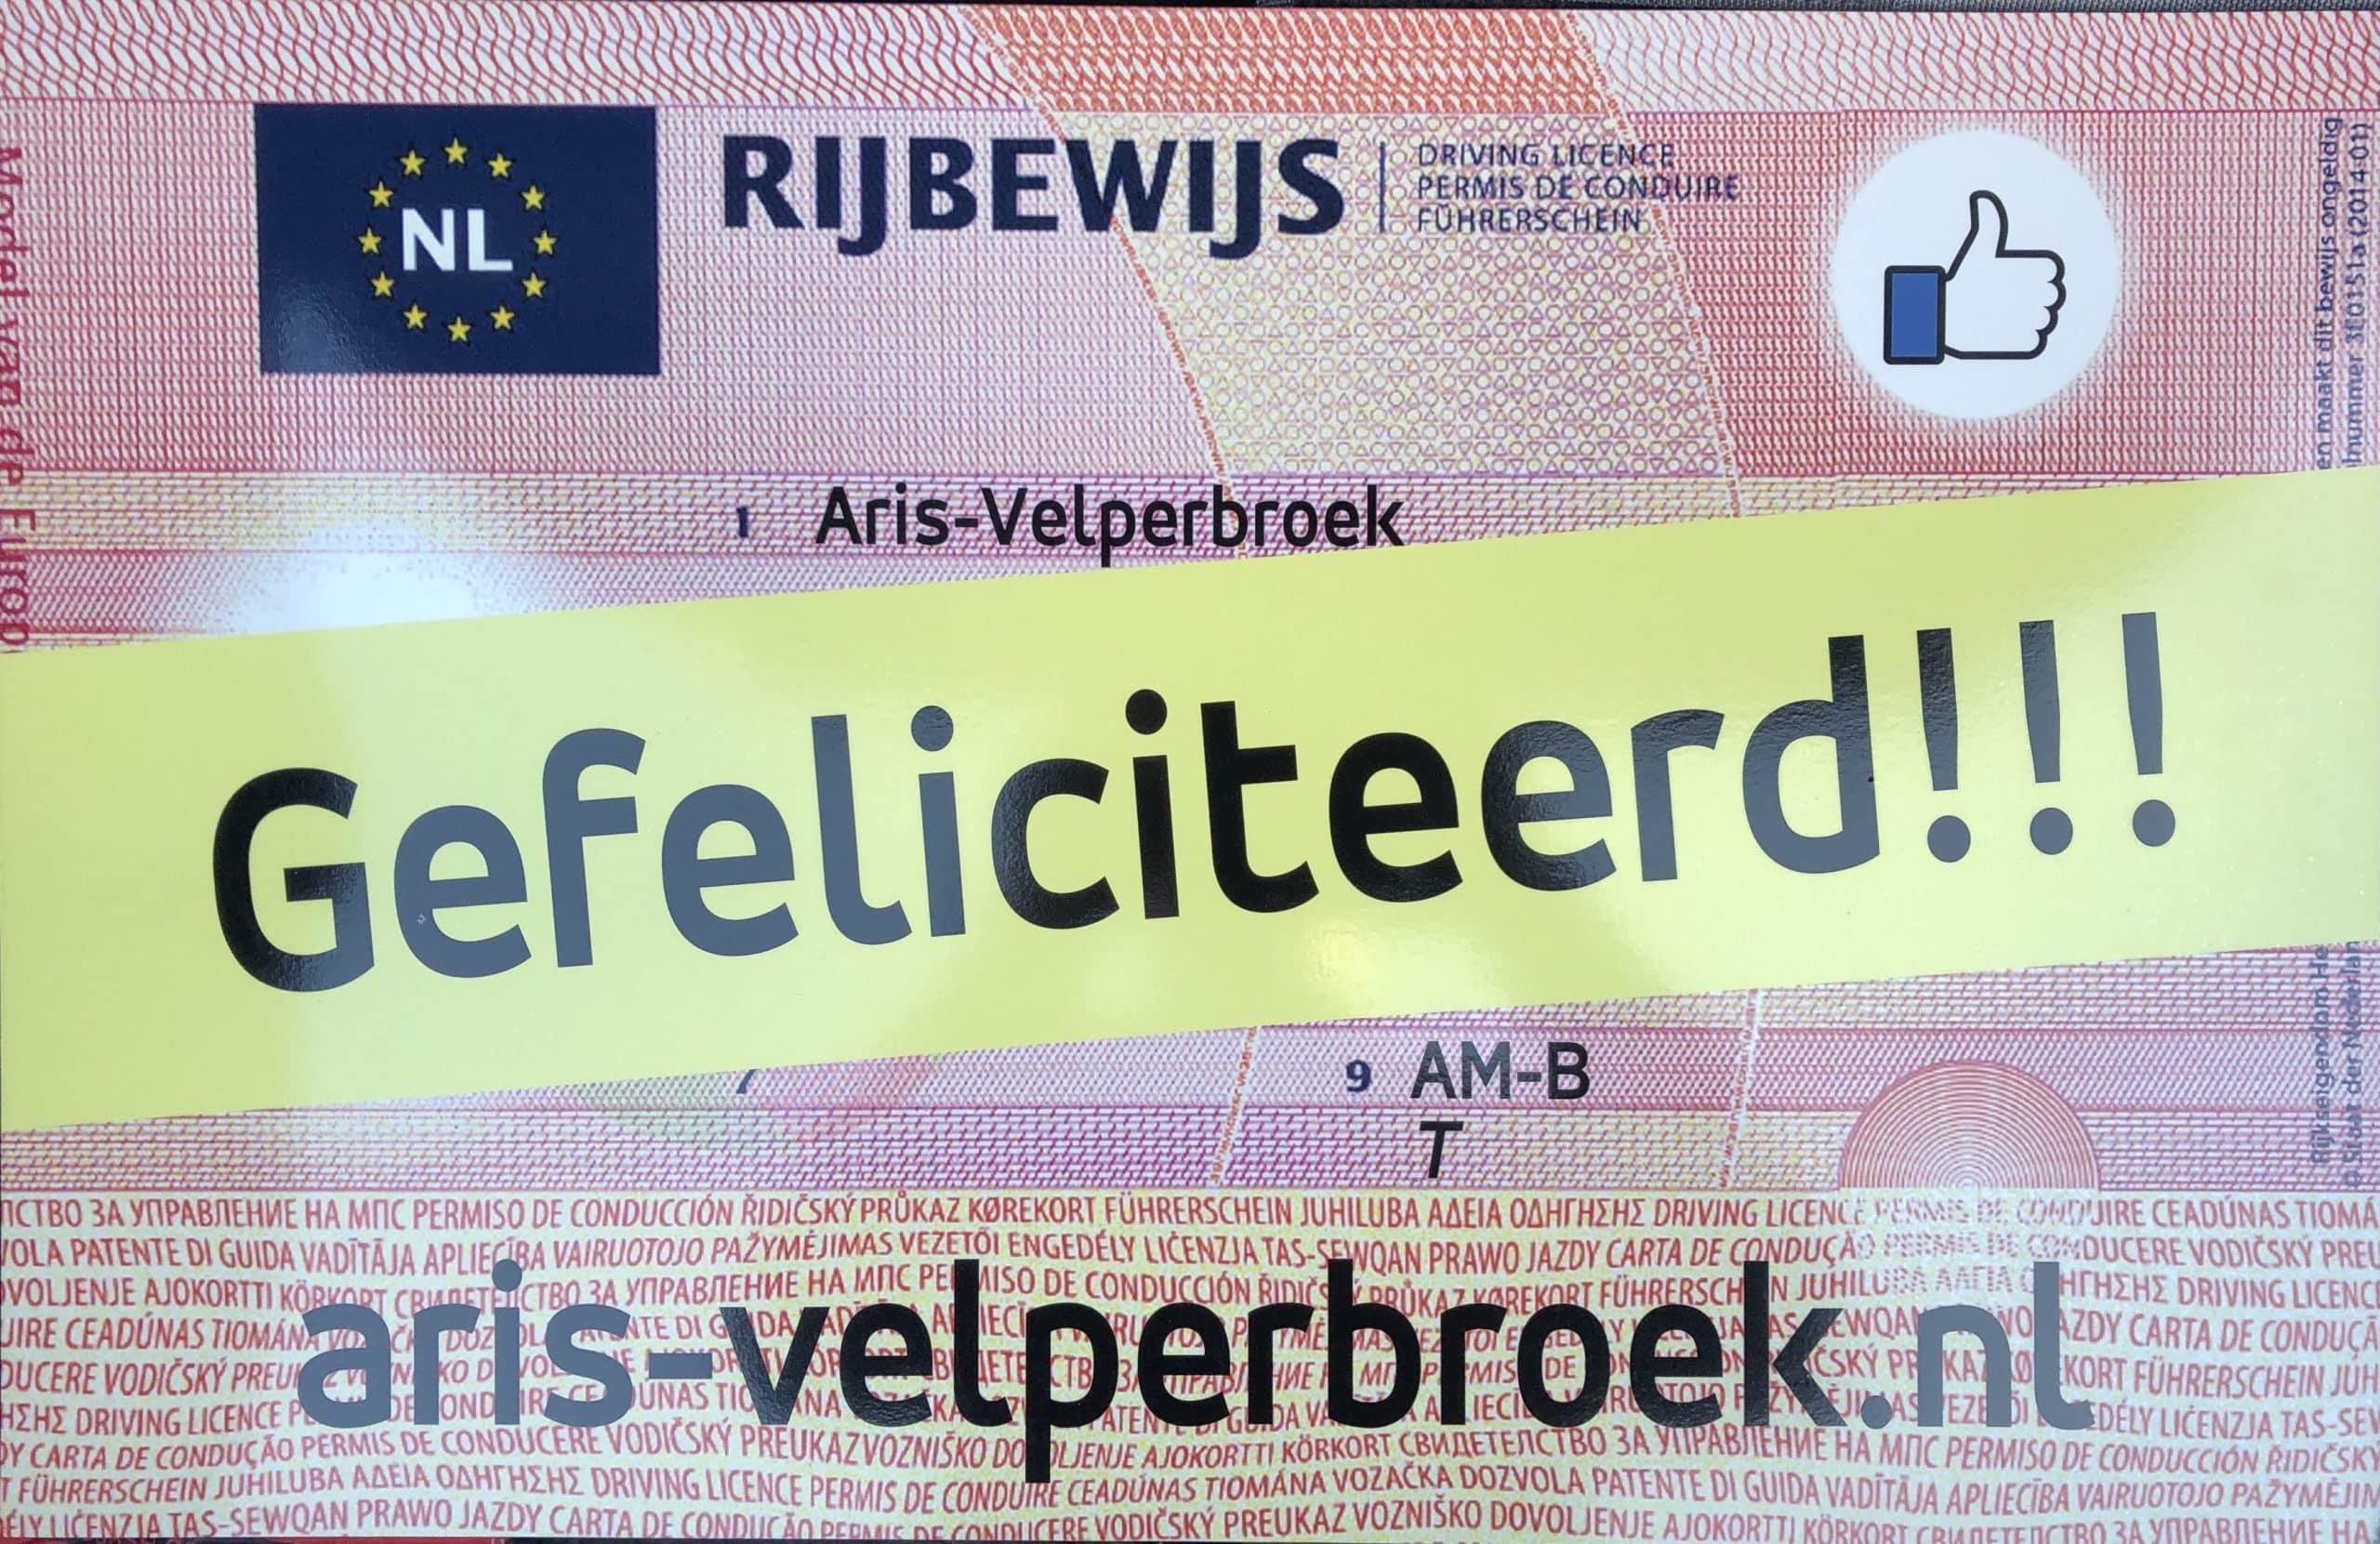 Rijbewijs Aris-Velperbroek